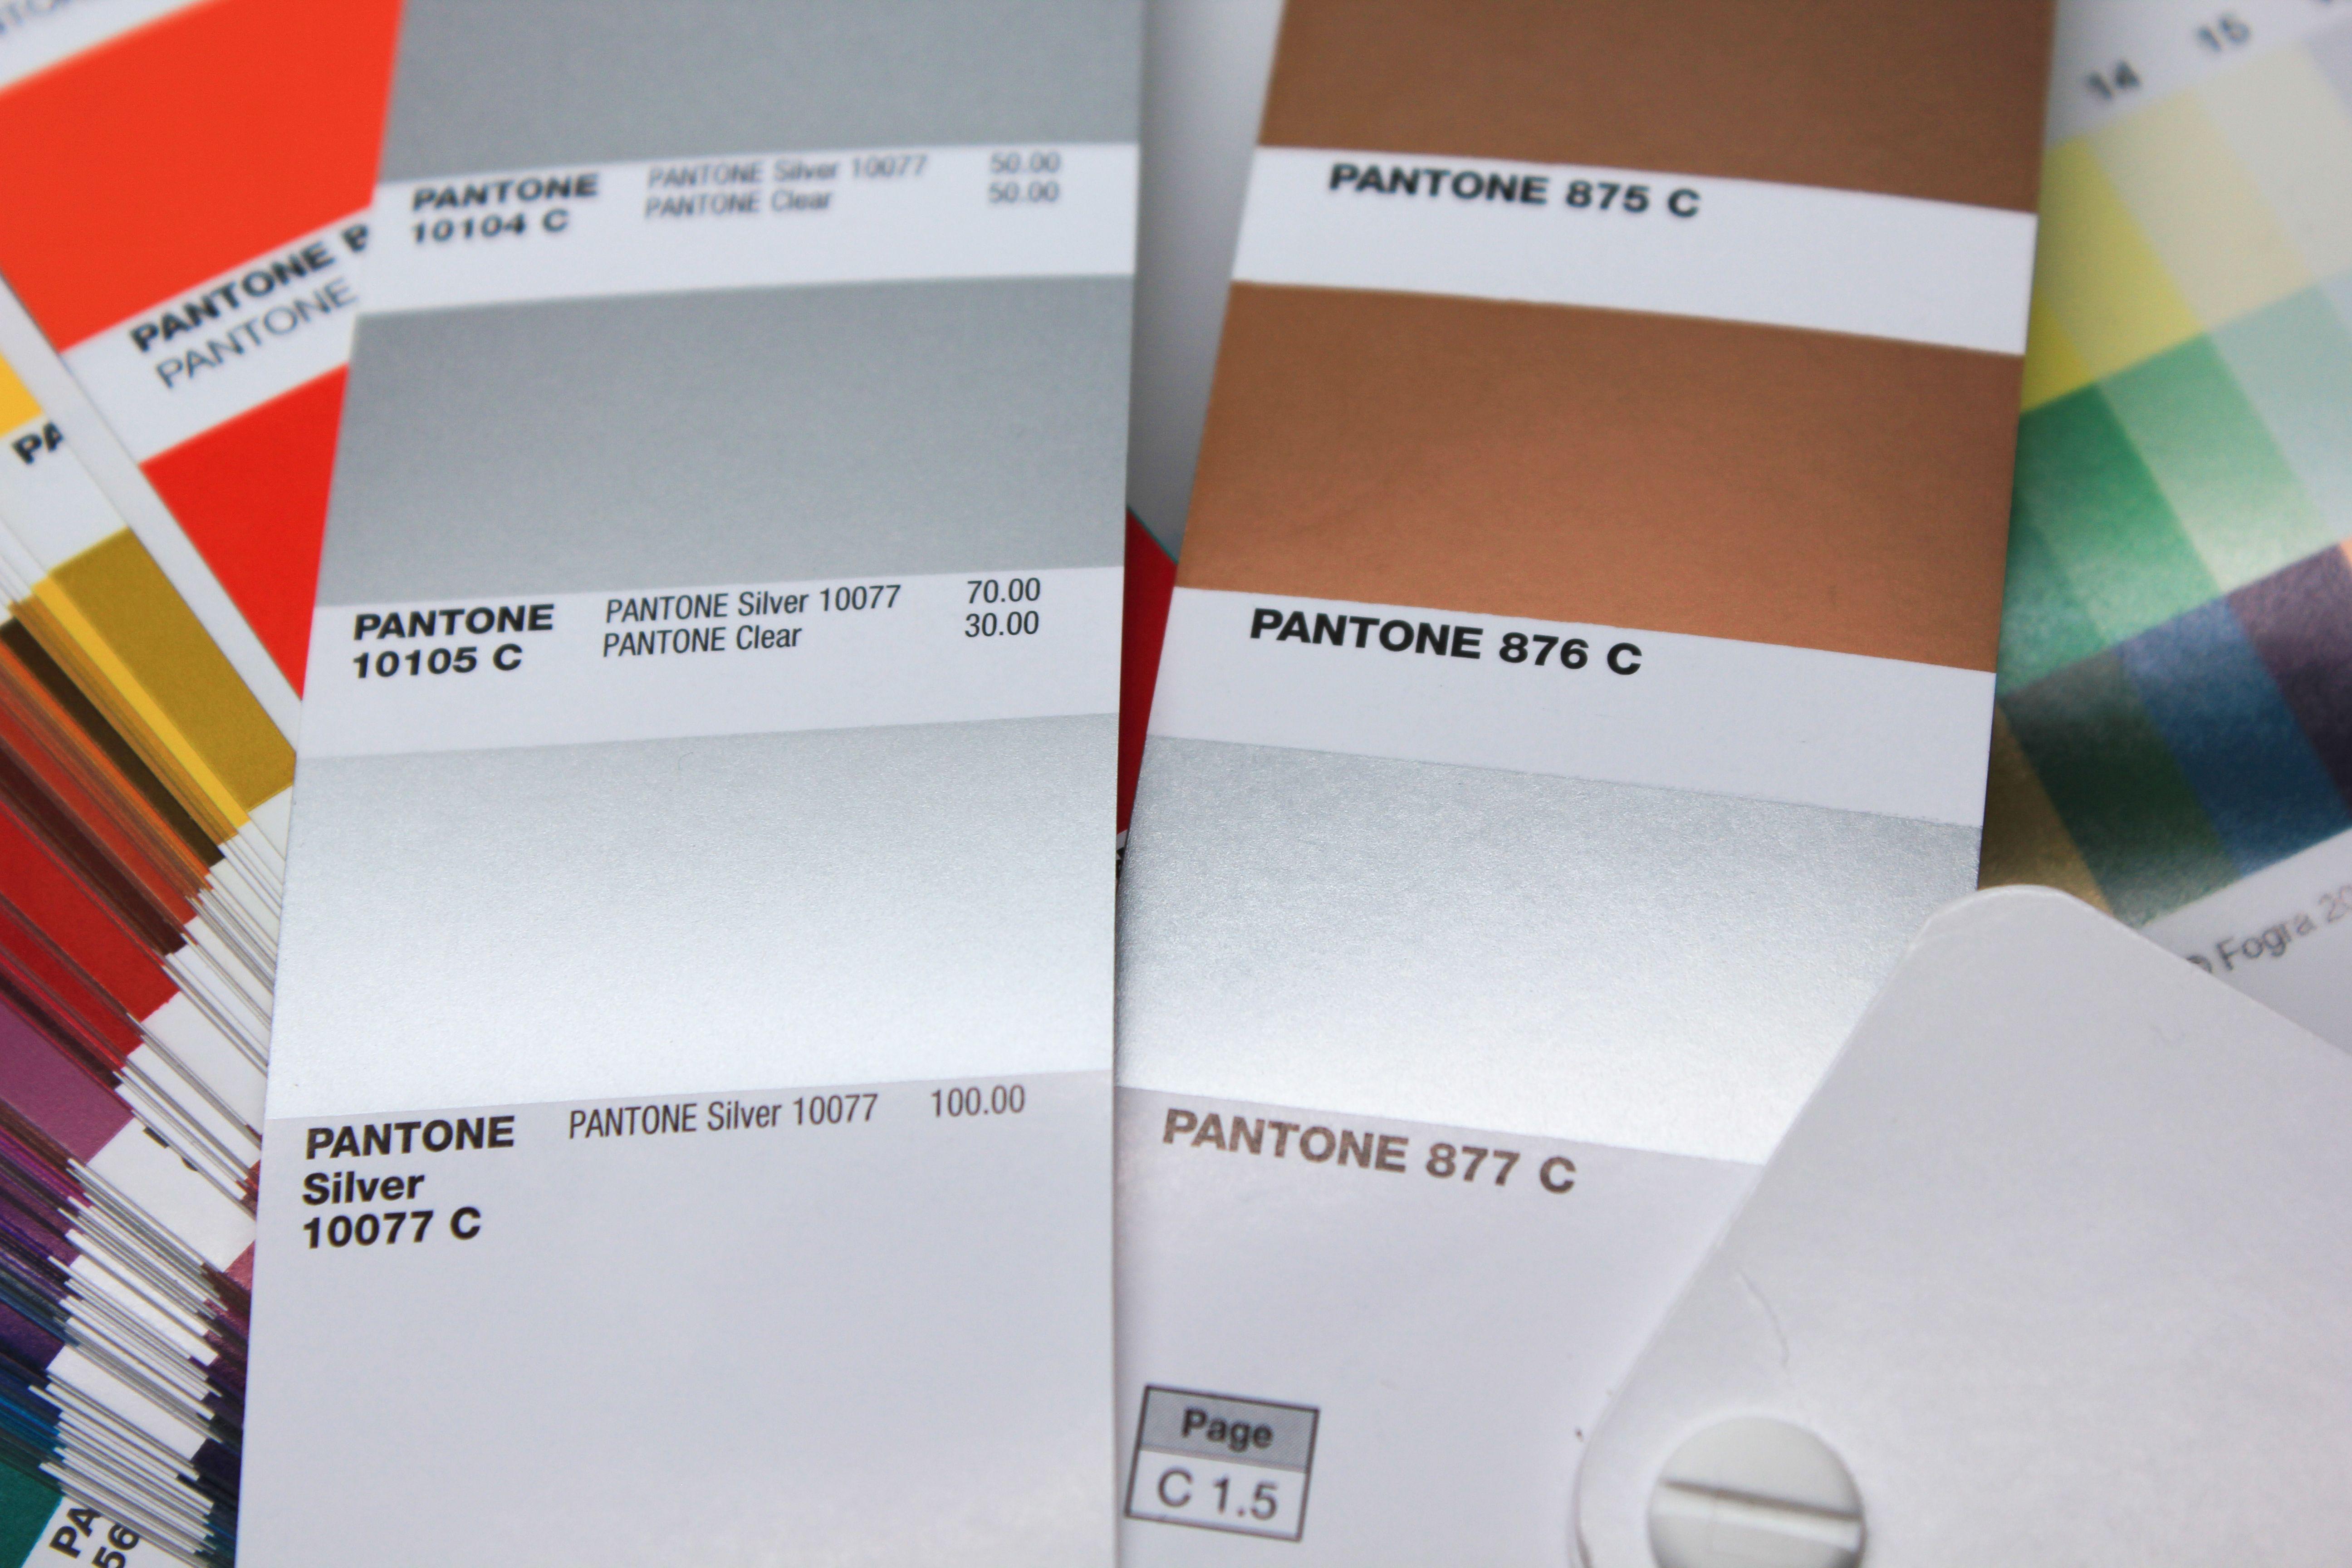 Pantone 877 und Pantone Silver 10077 C im Vergleich: Bild 2